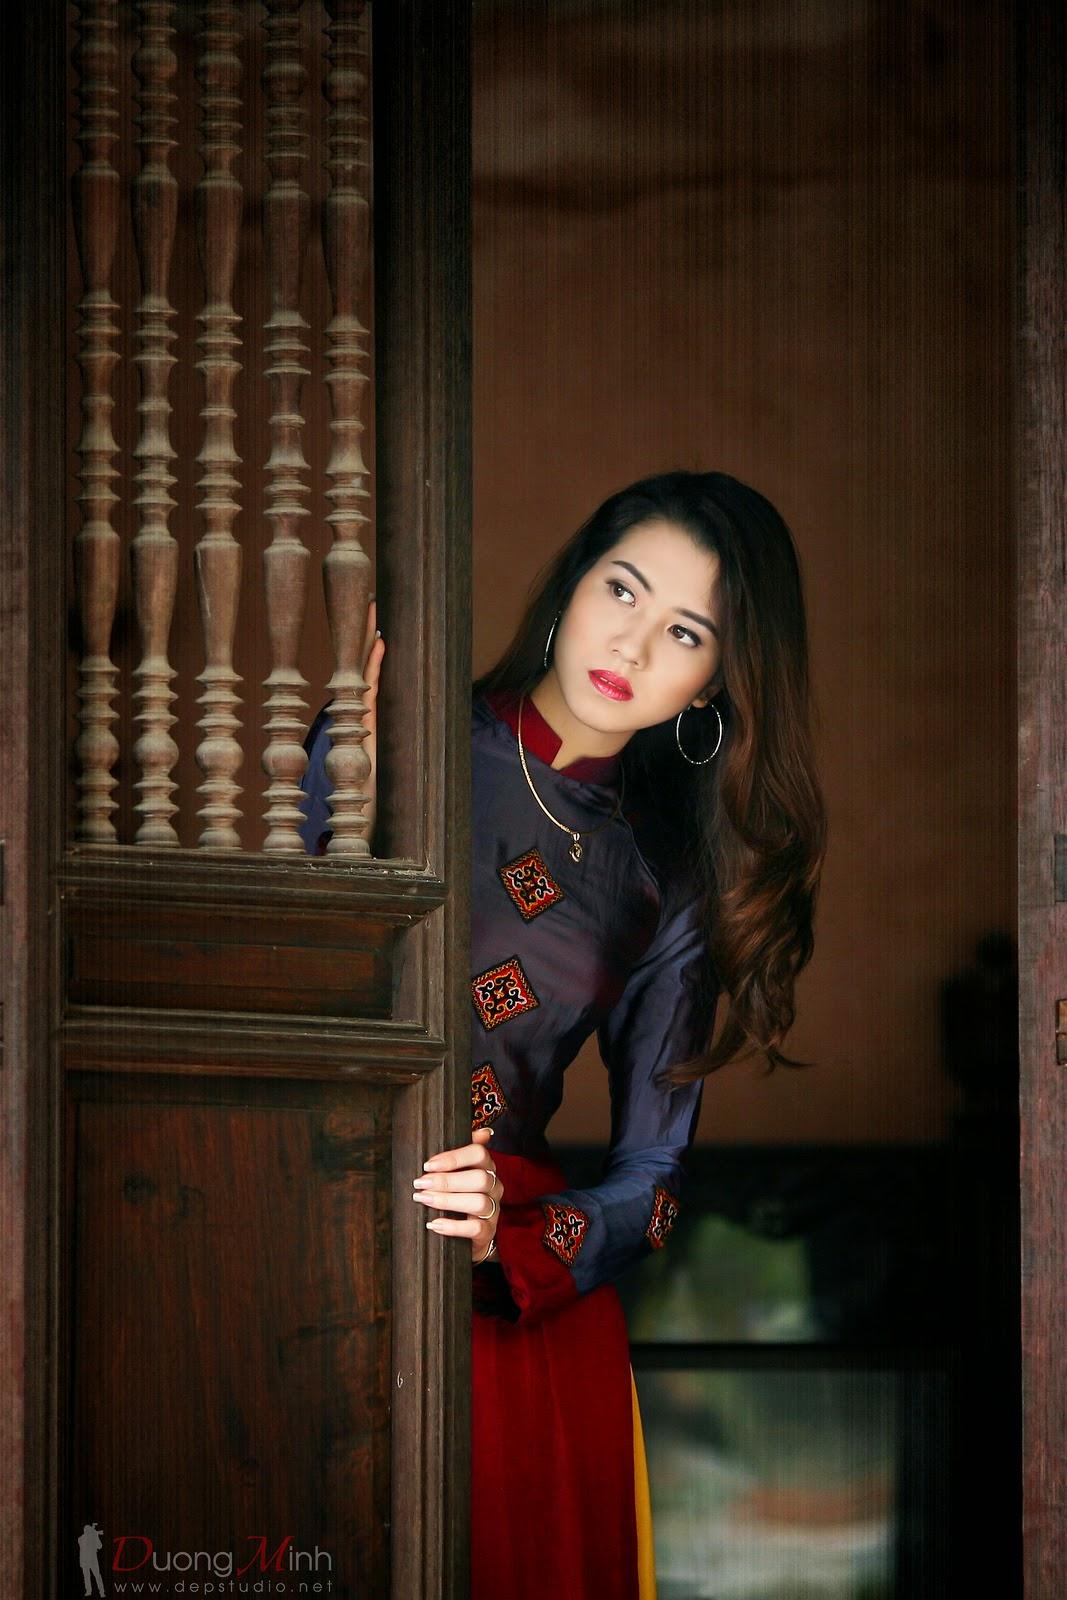 Ảnh đẹp girl xinh Áo dài truyền thống Việt Nam - Ảnh 31